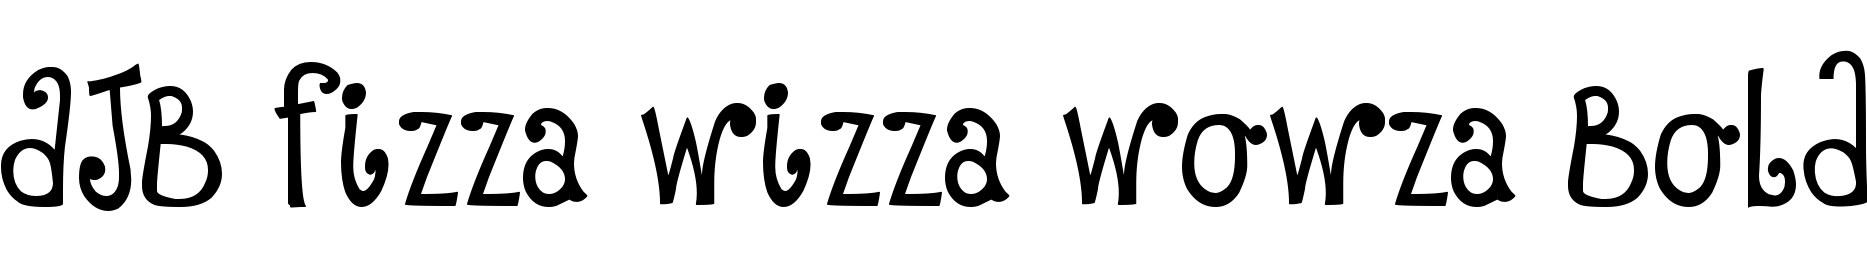 DJB Fizza Wizza Wowza Bold